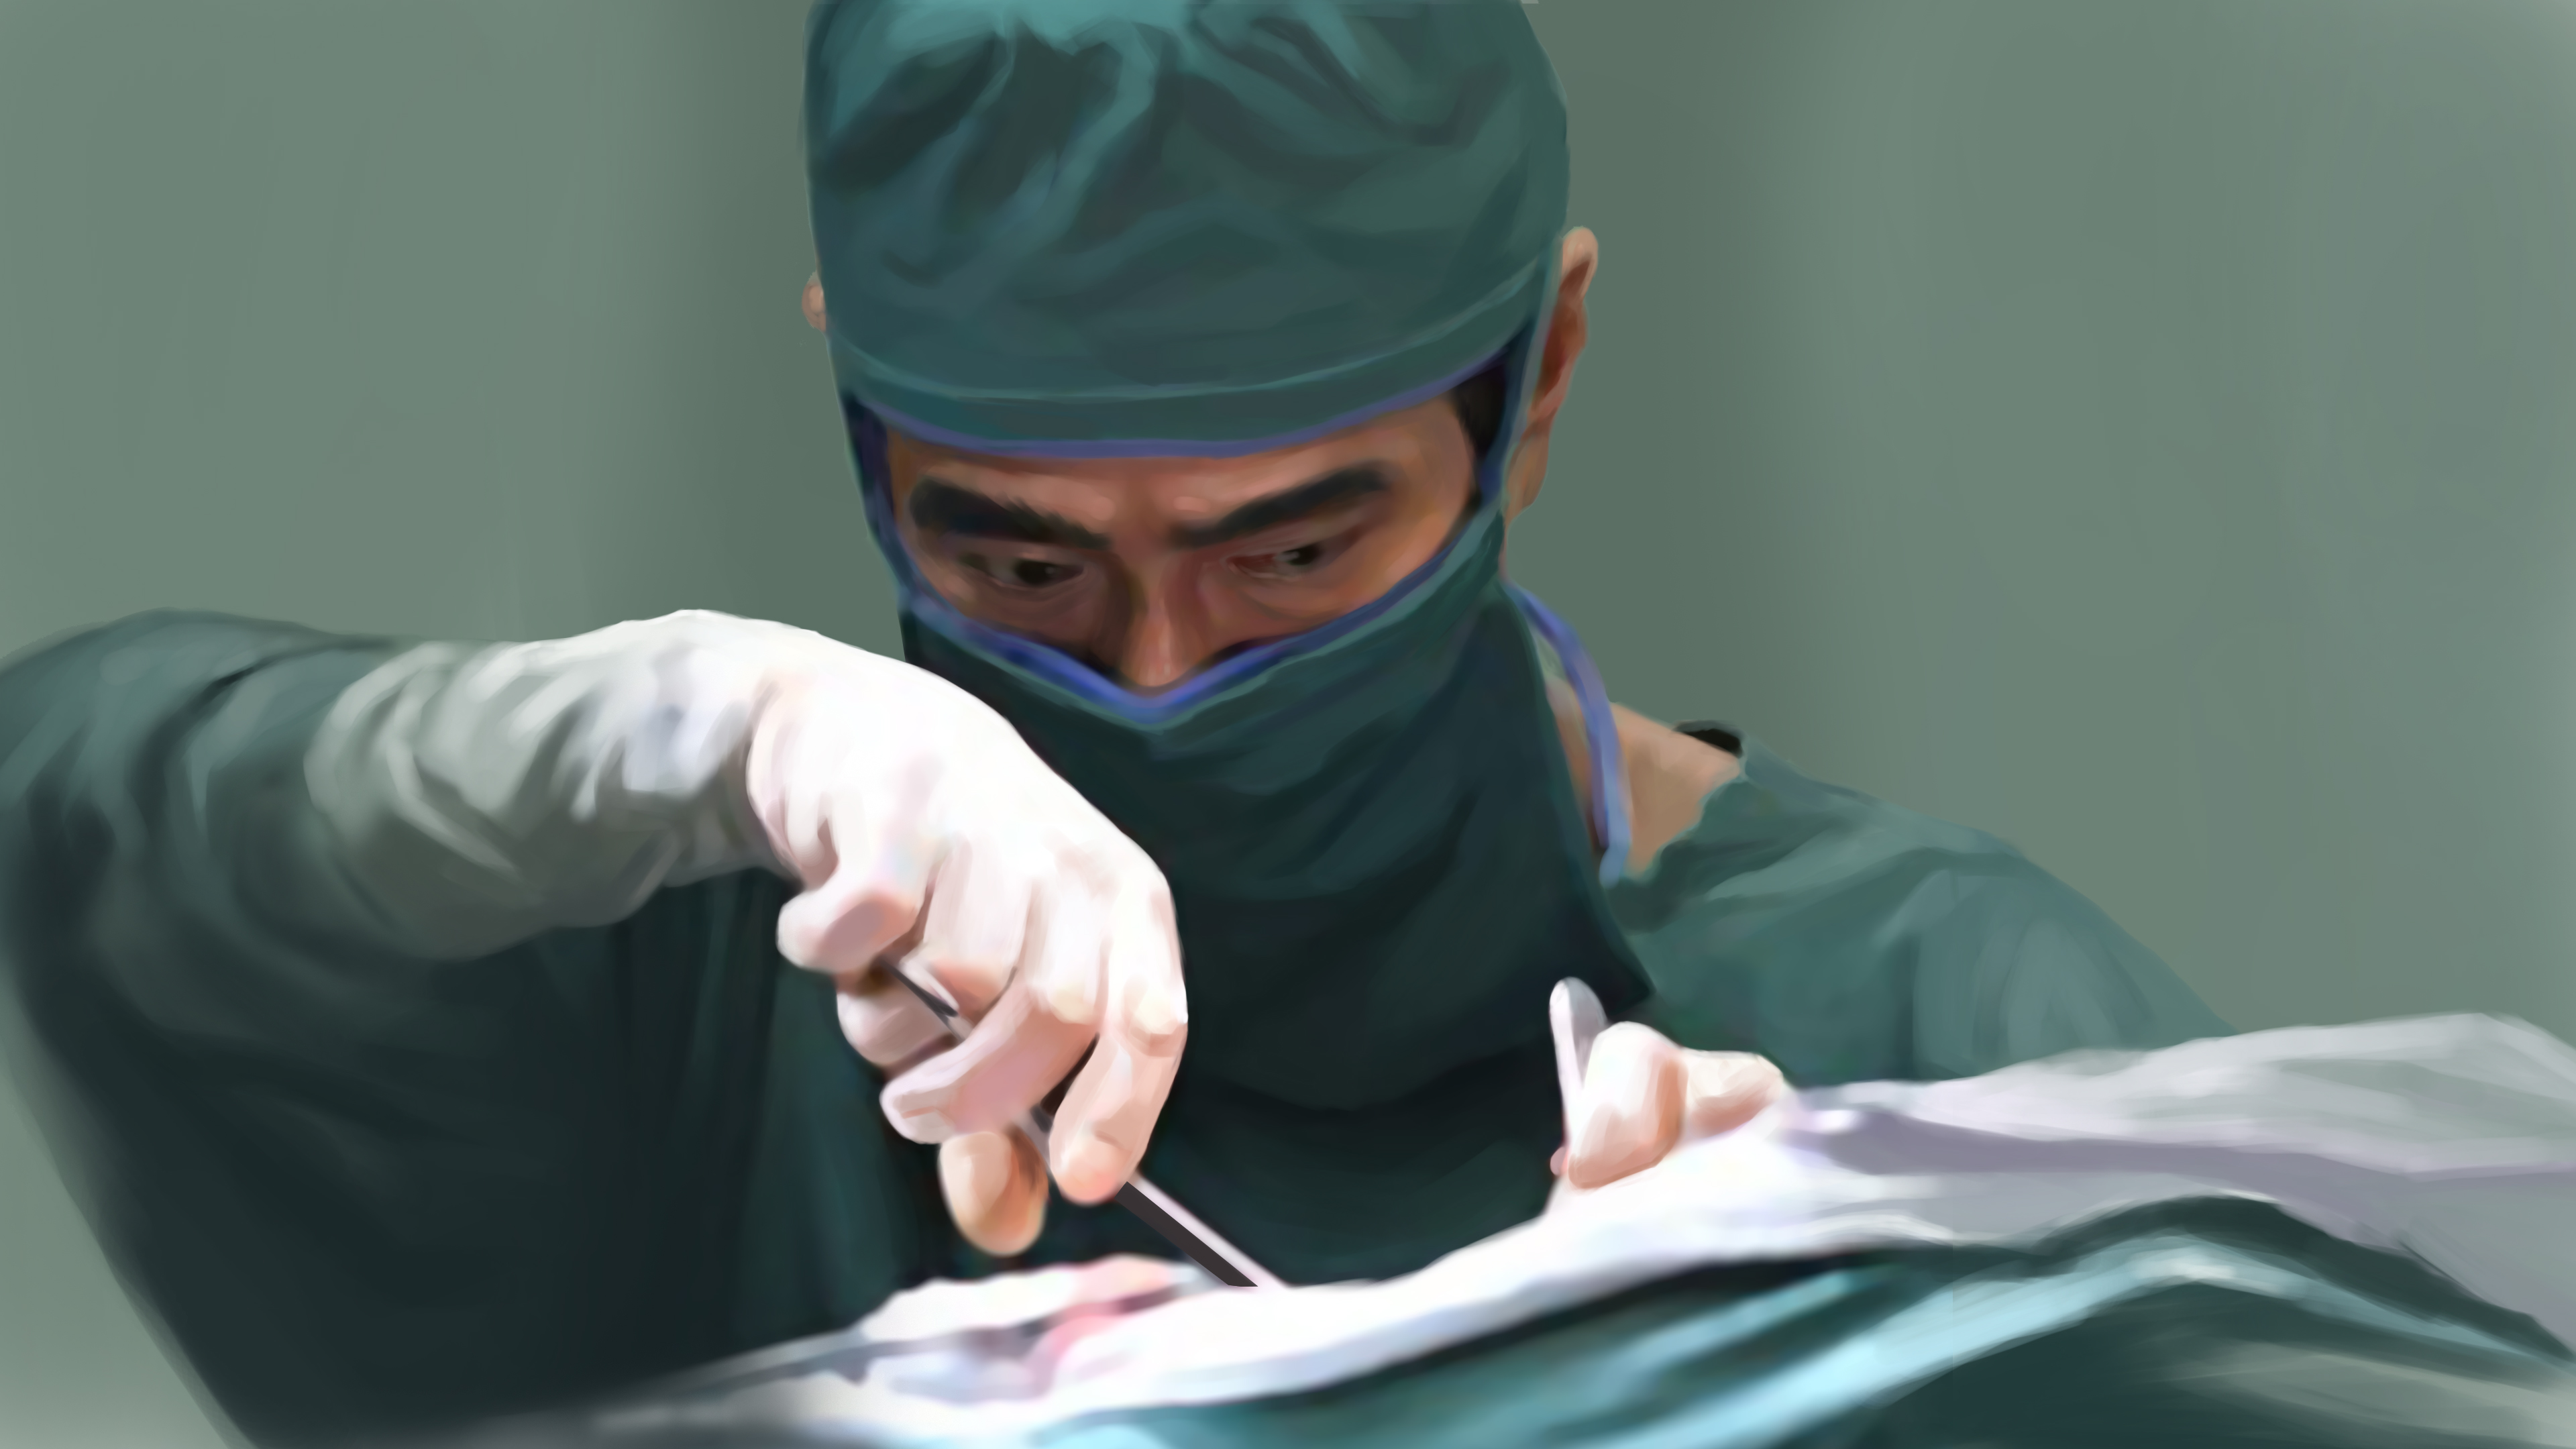 外科医生2.jpg